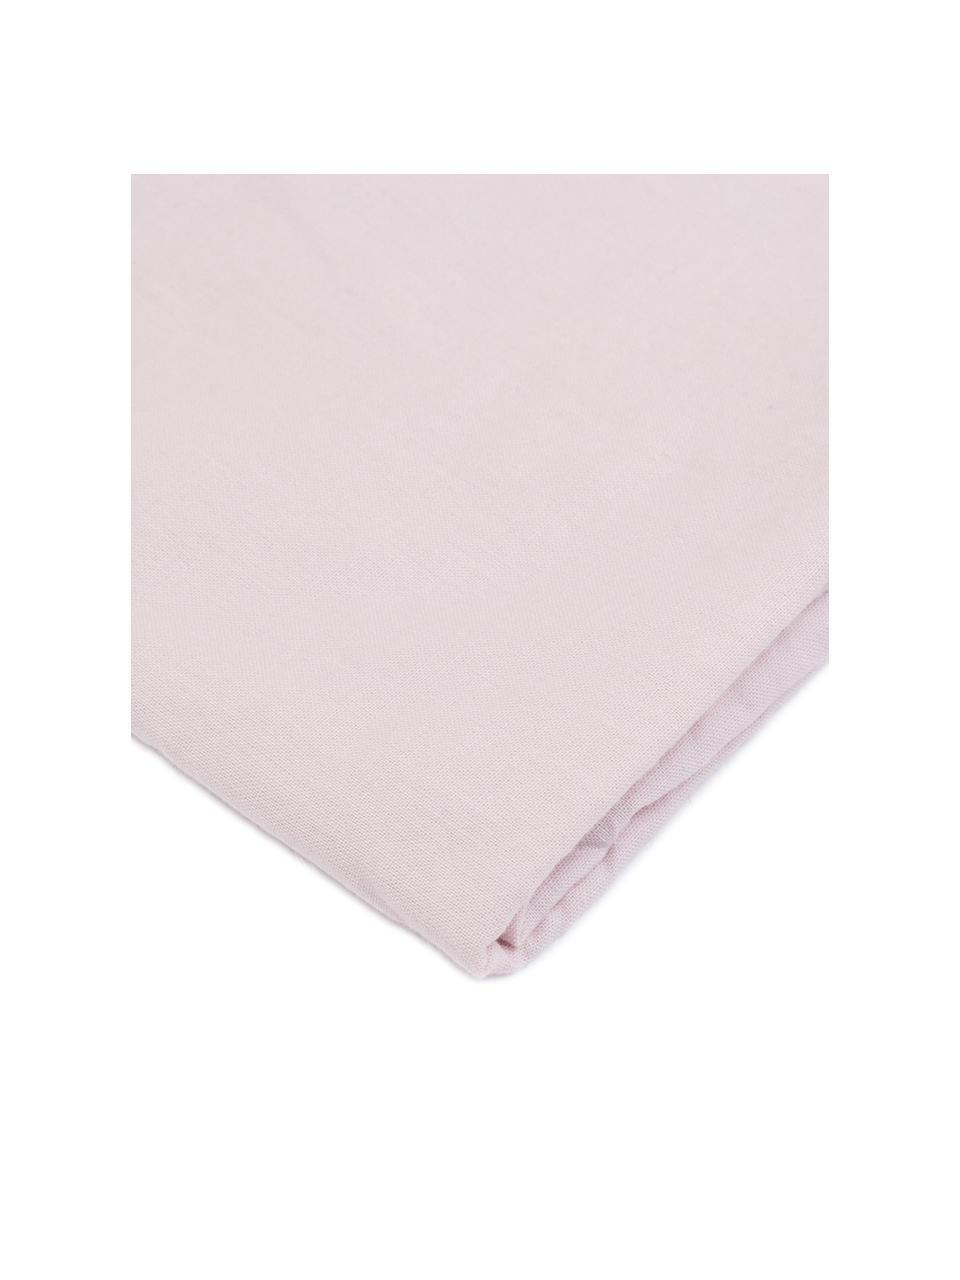 Parure copripiumino in cotone effetto stone washed Velle, Tessuto: cotone ranforce, Fronte e retro: rosa chiaro, 155 x 200 cm + 1 federa 50 x 80 cm